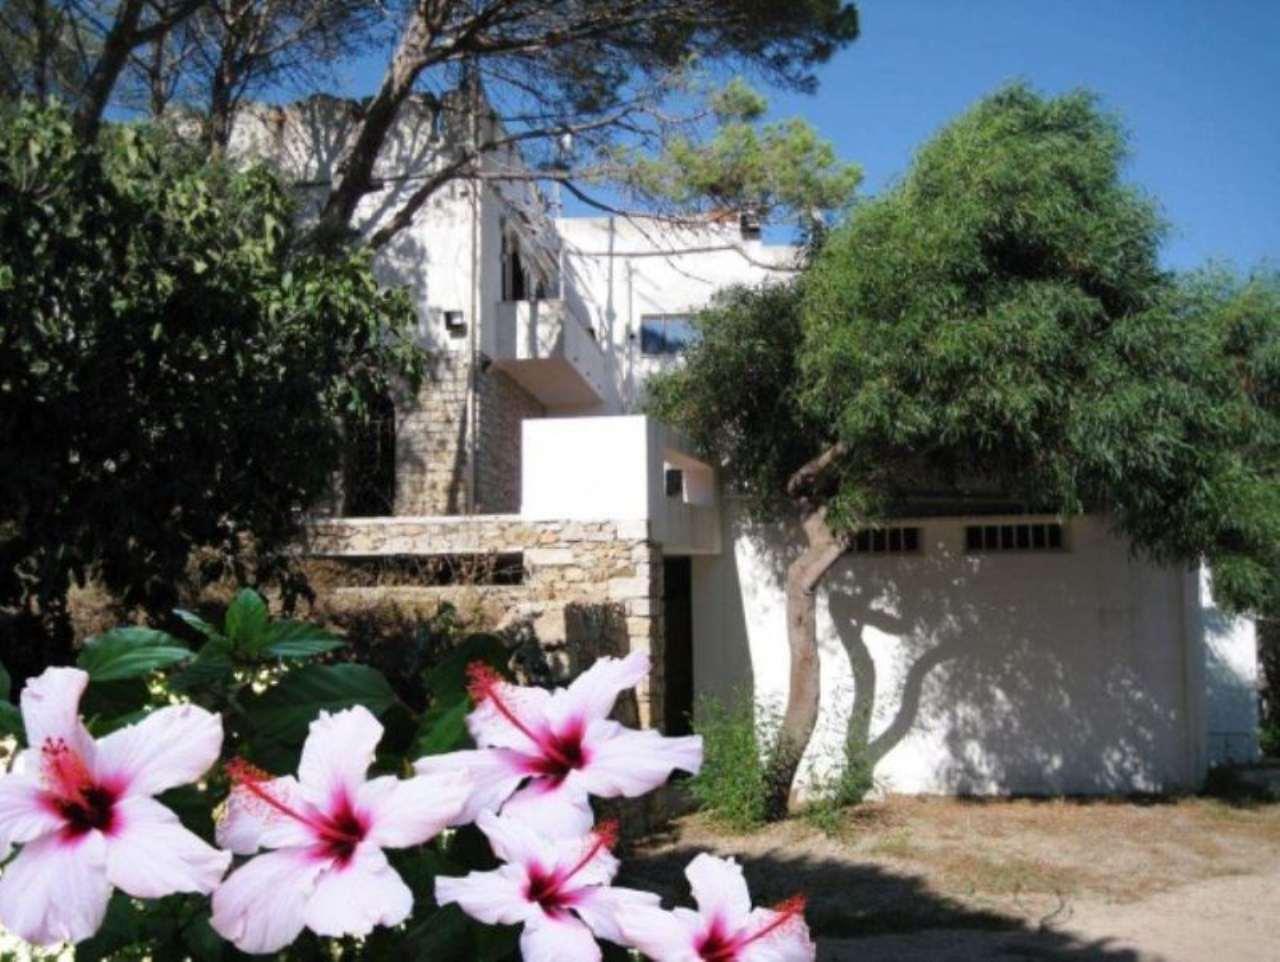 Albergo in vendita a La Maddalena, 8 locali, prezzo € 5.800.000 | Cambio Casa.it